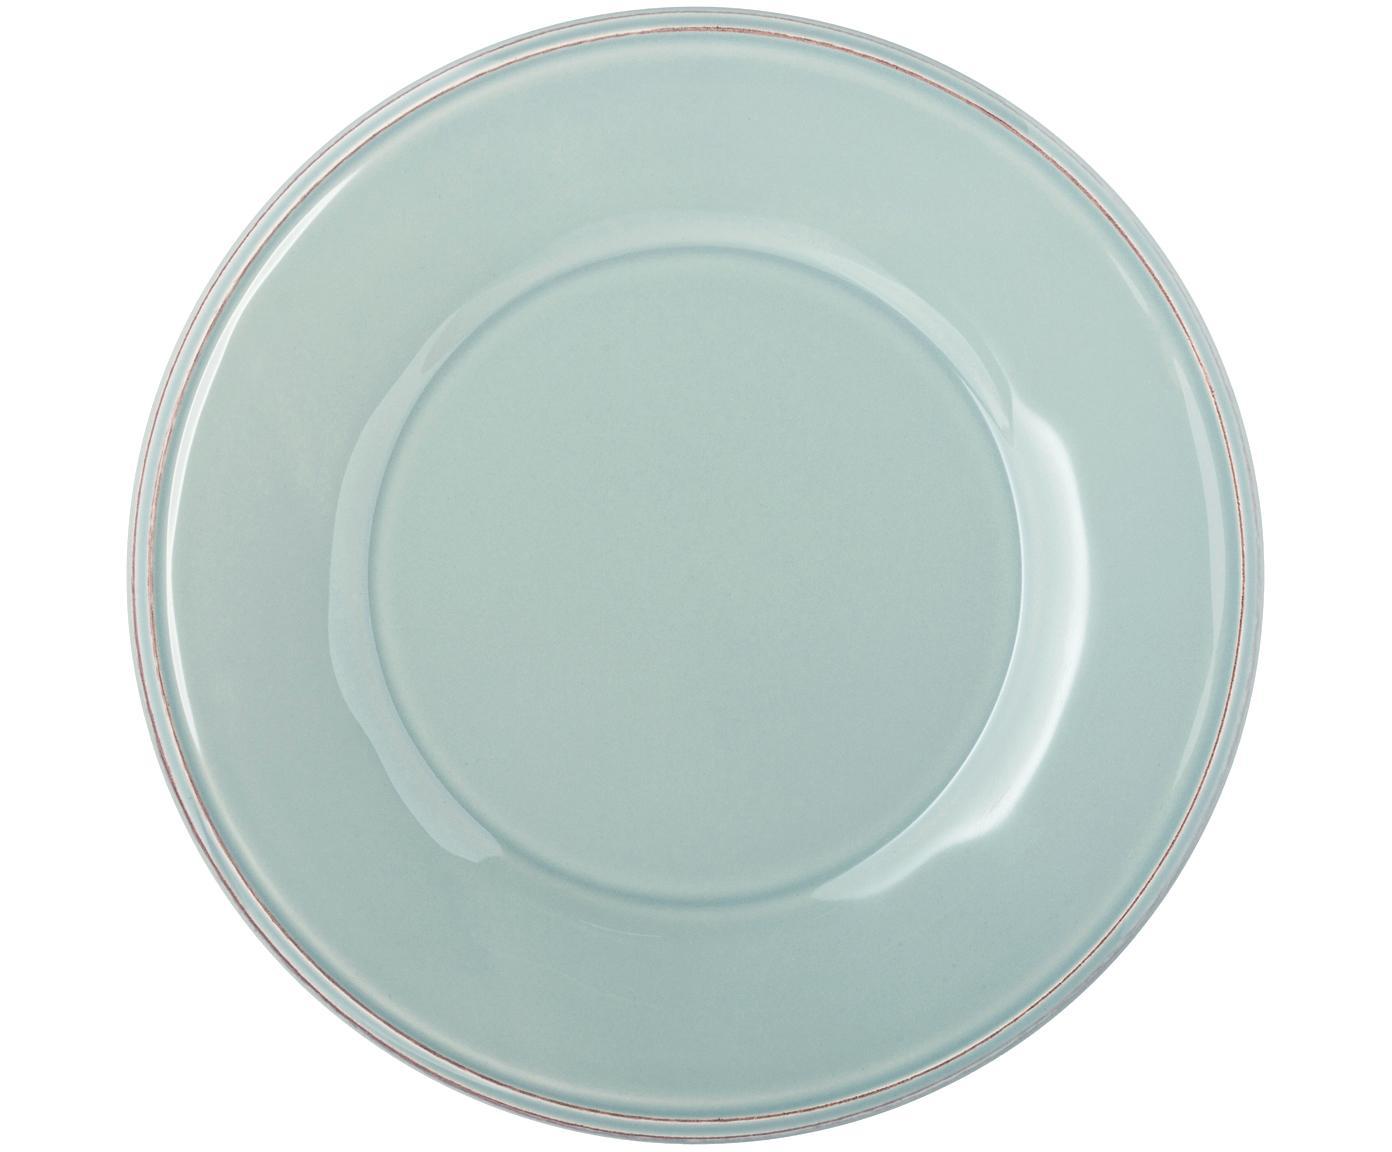 Plato de postre Constance, 2uds., Cerámica, Azul, turquesa, Ø 24 cm